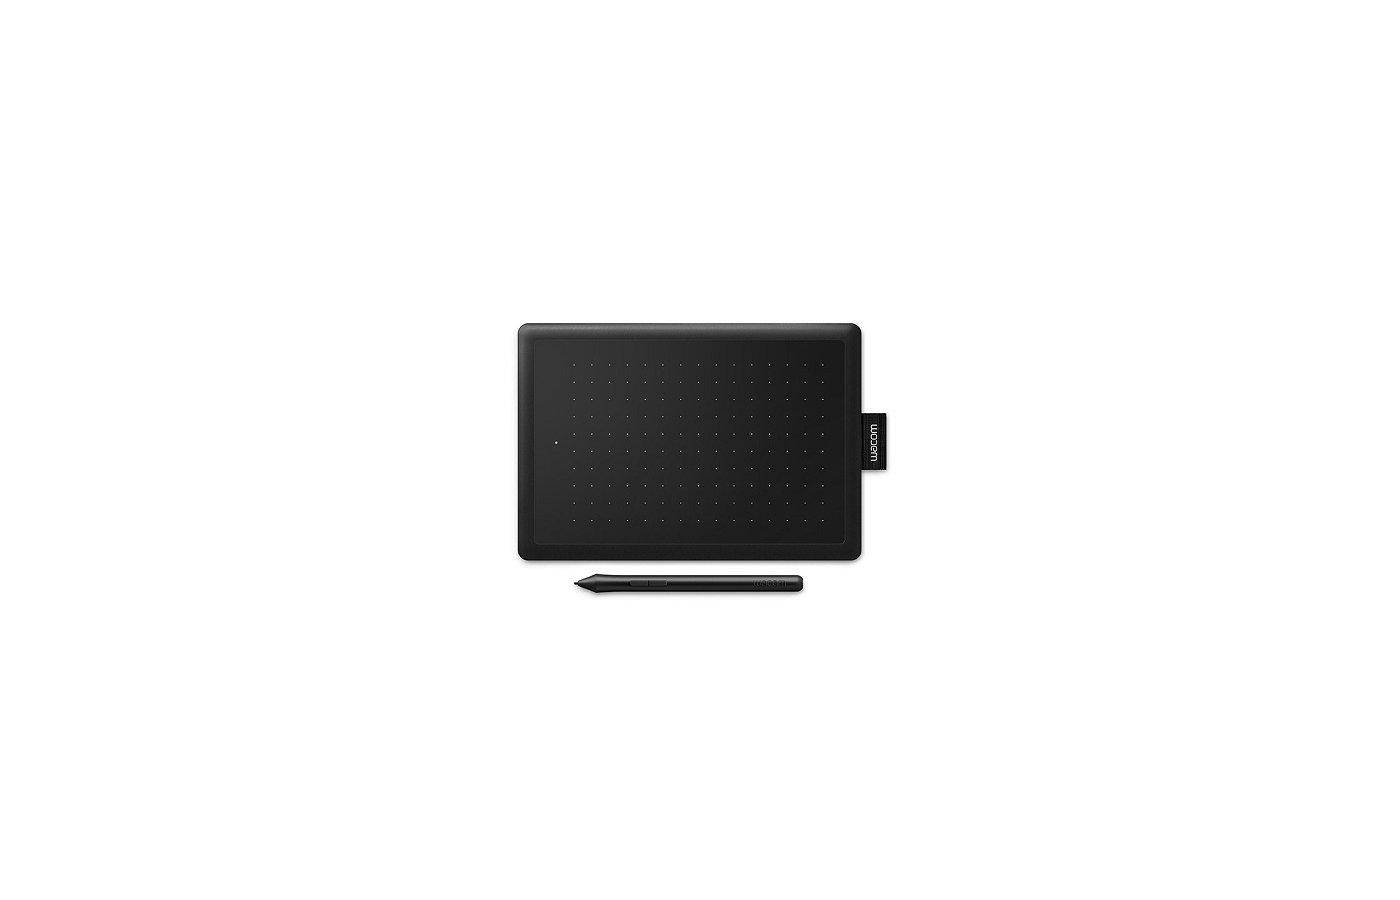 Графический планшет Wacom One by CTL-472 Small - купить графический